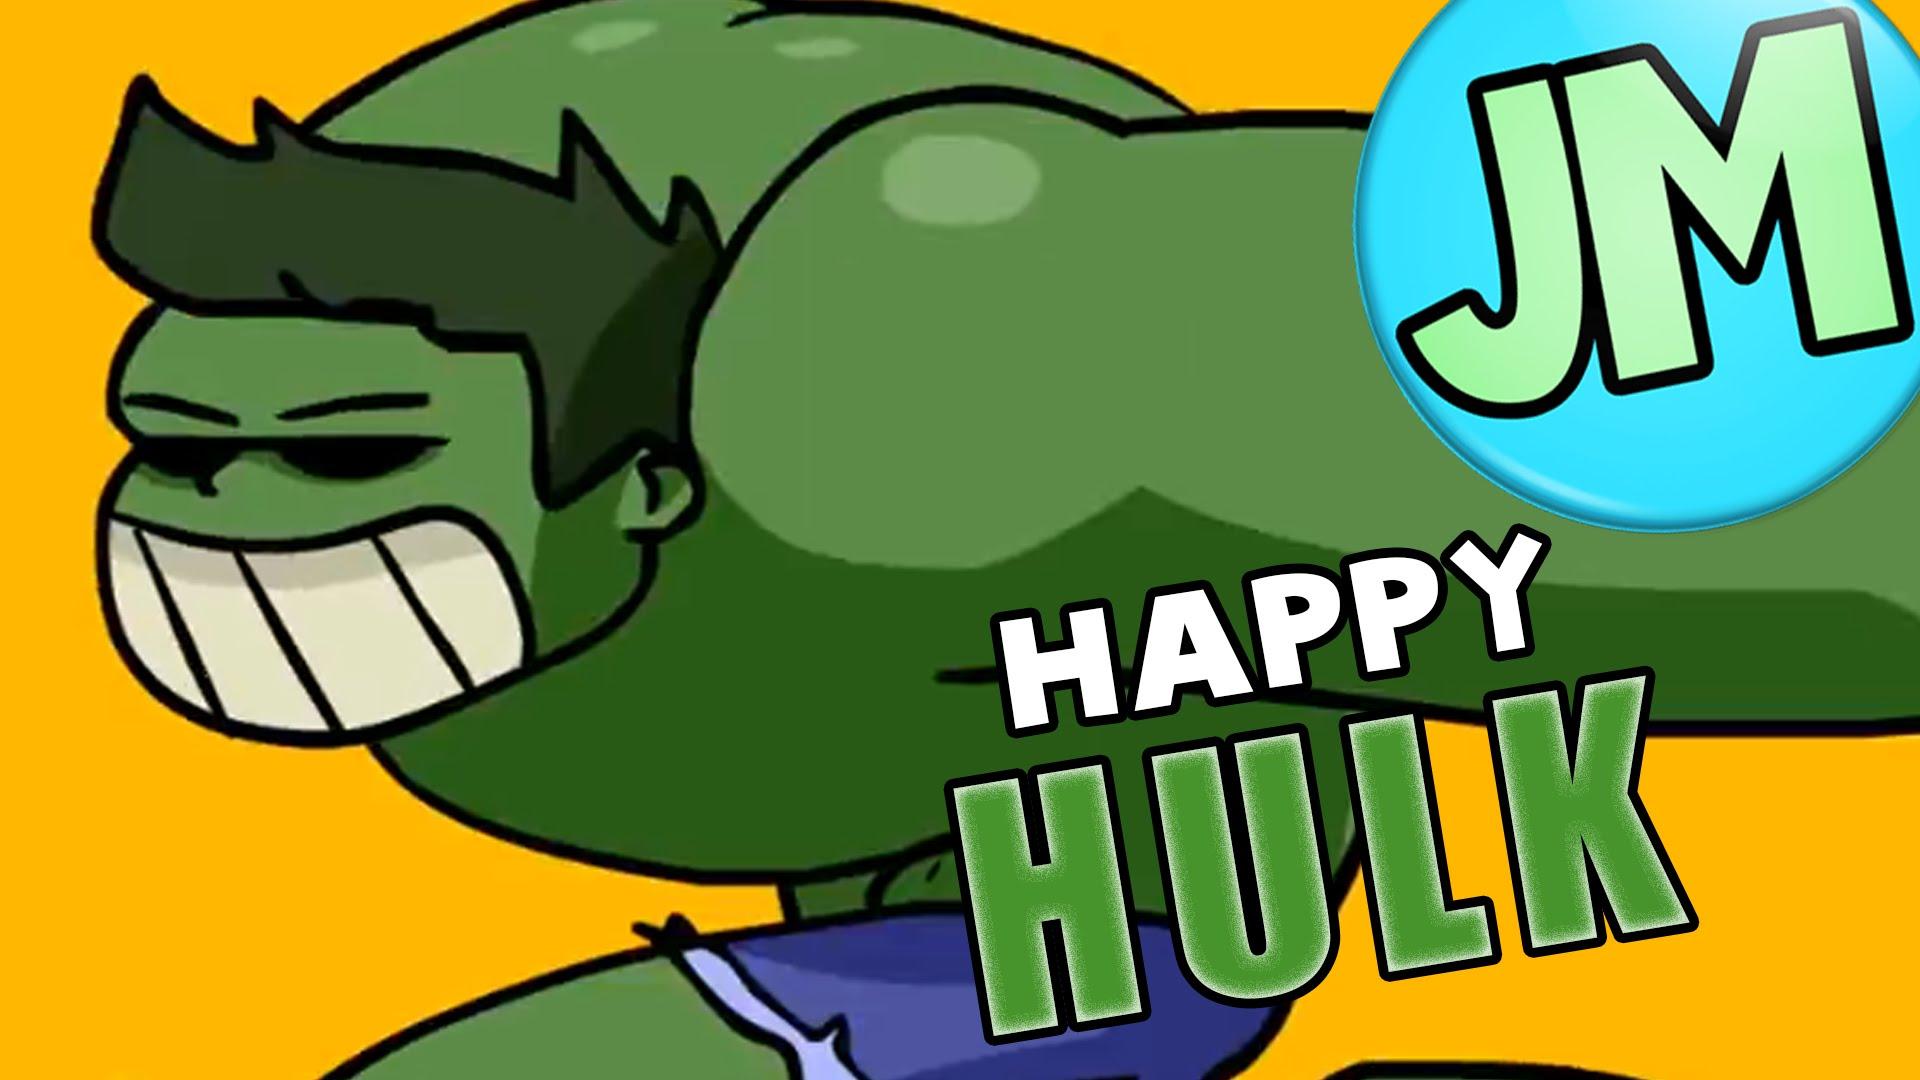 Hulk clipart happy #10